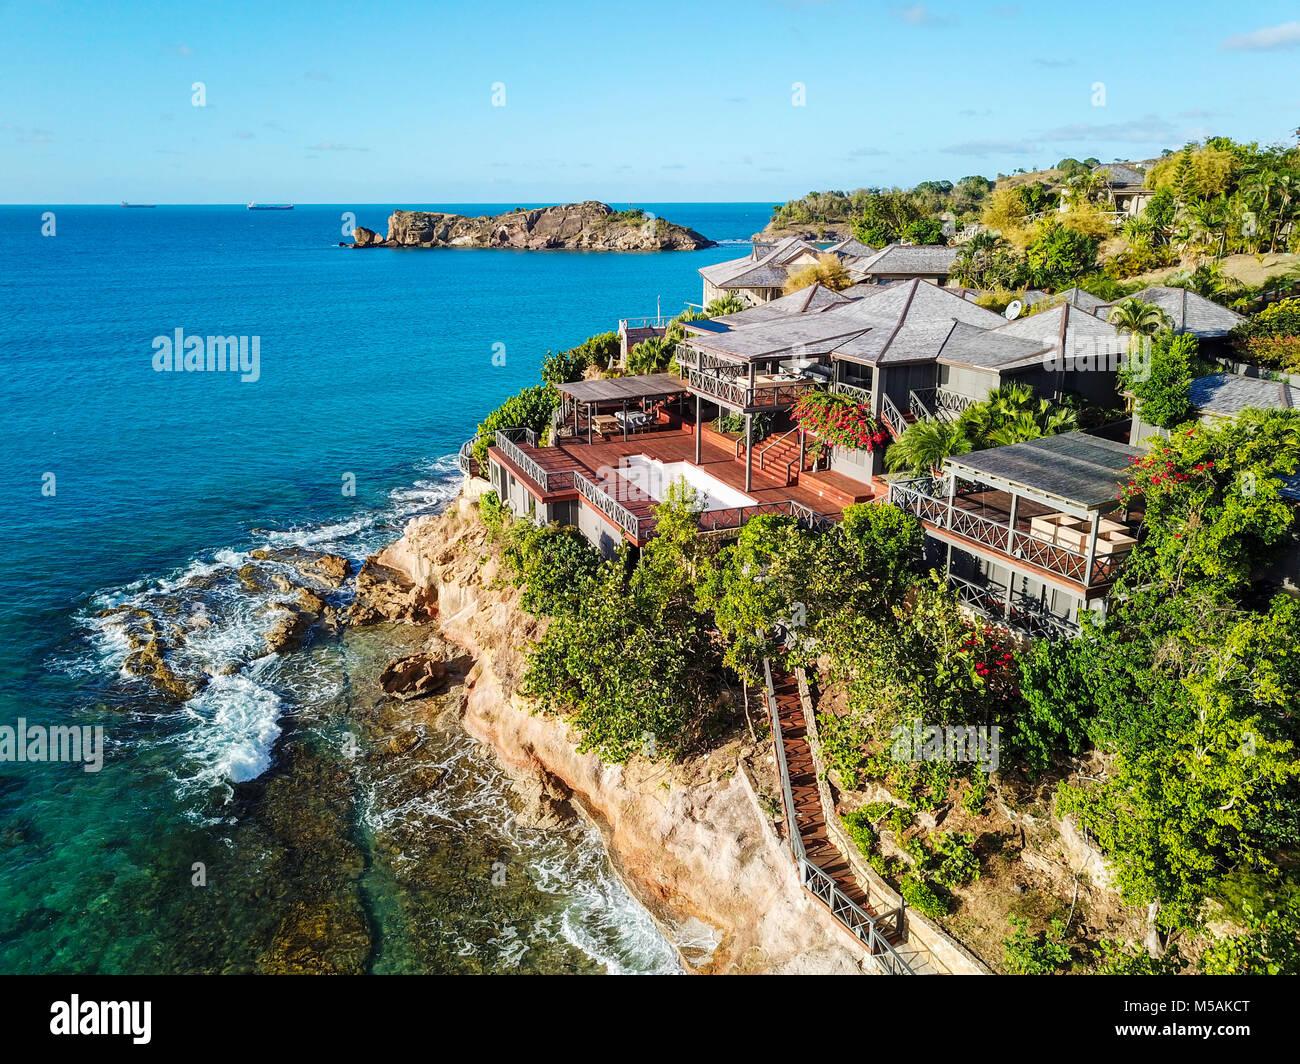 Giorgio Armani's Cliffside Retreat, Galley Bay Beach, Antigua - Stock Image